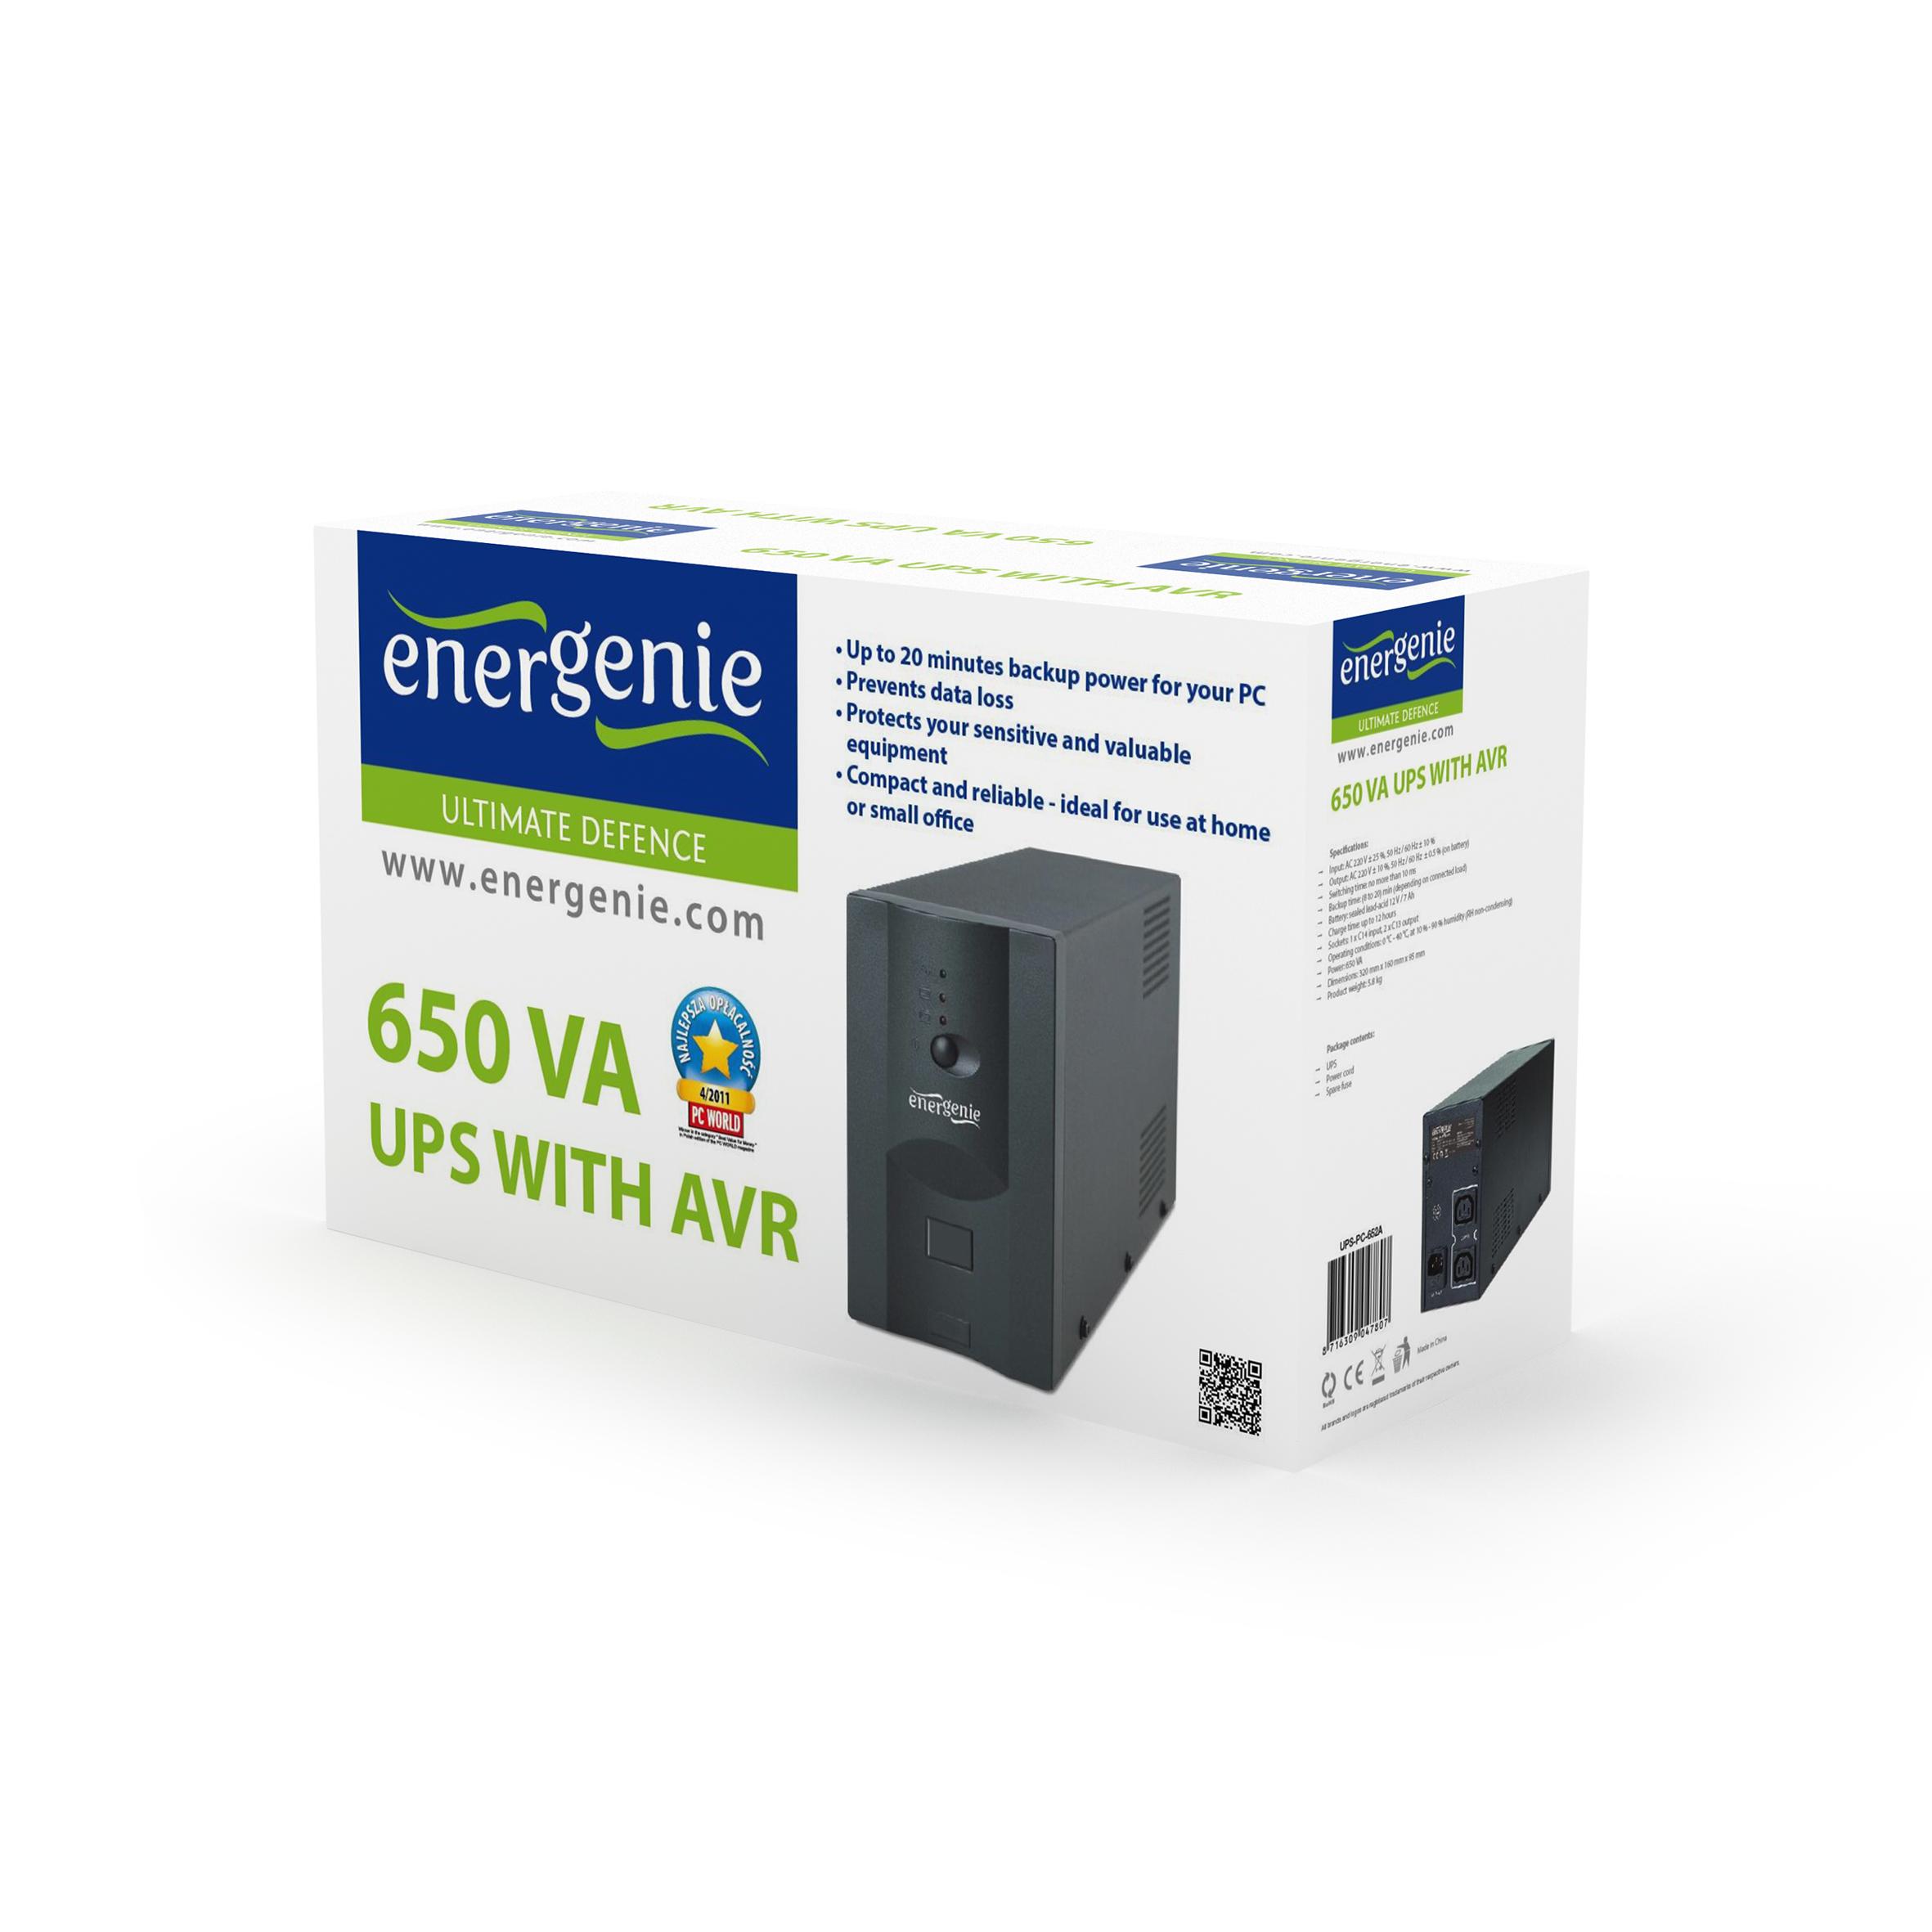 UPS with AVR, 650 VA (UPS-PC-652A)